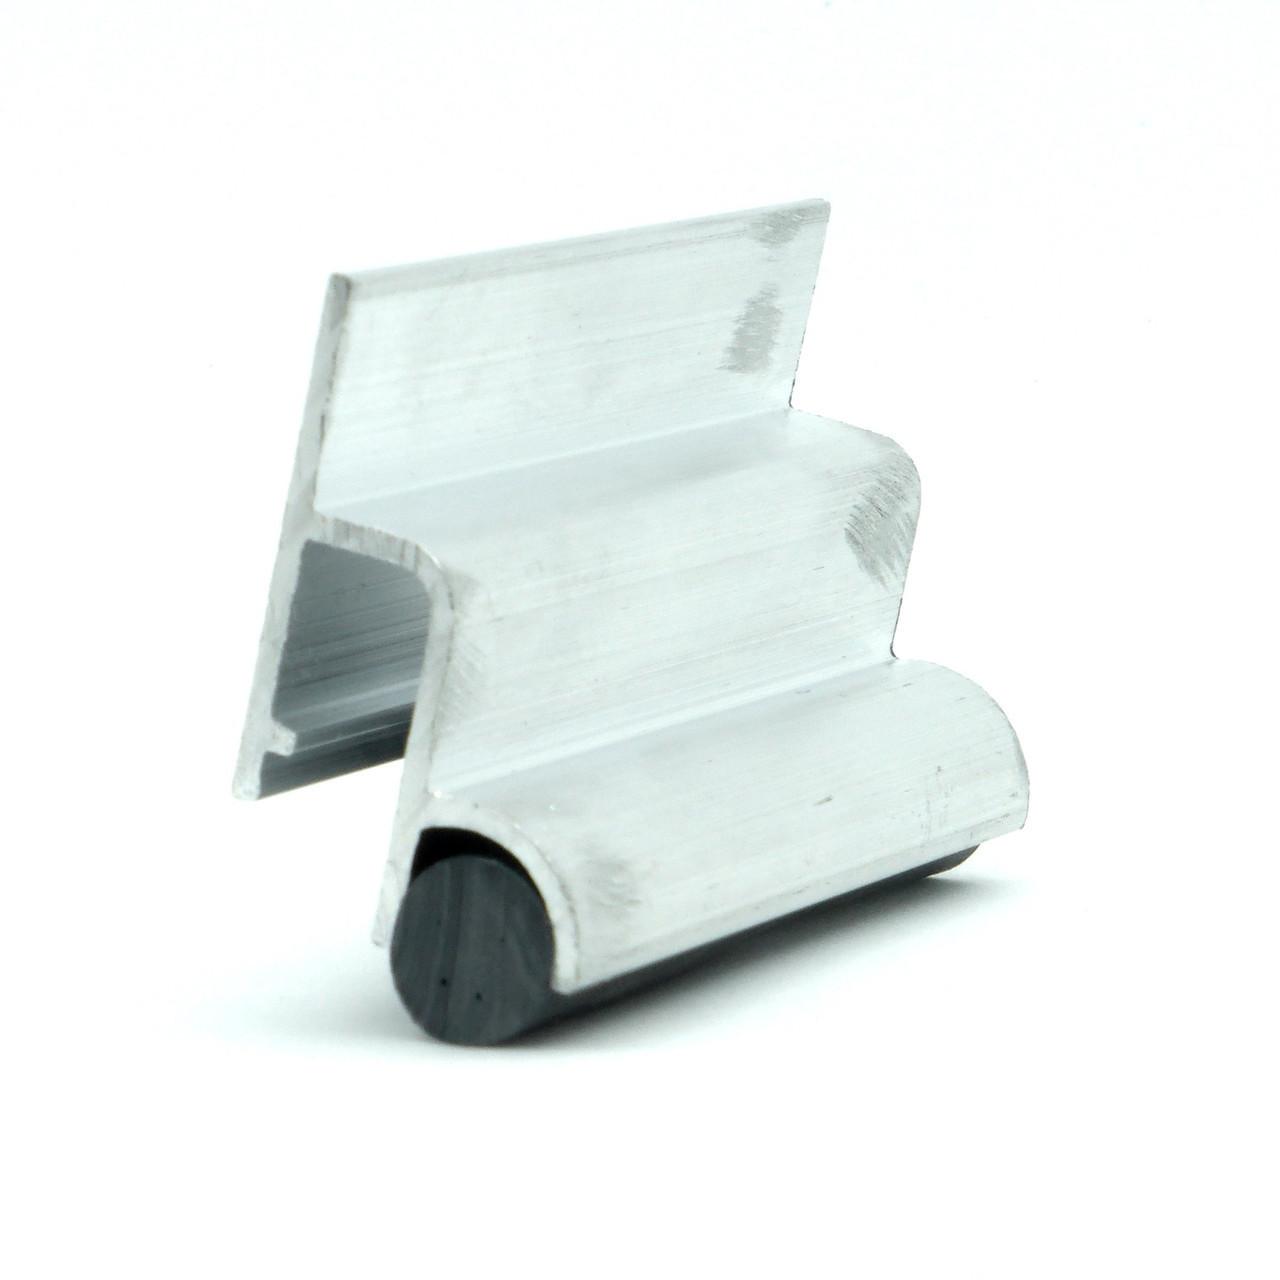 Профиль алюминиевый для натяжных потолков - бесщелевой, система KRAAB 3.0. Длина профиля 2,5 м.